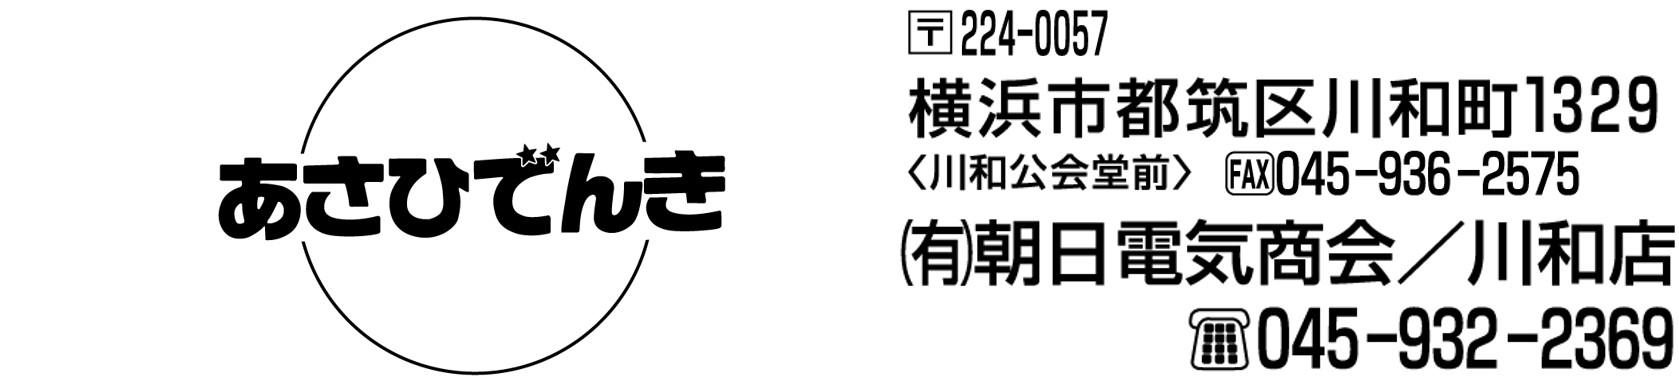 筑紫区川和町でのスイッチ交換・コンセント修理、球交換、電気工事のことならあさひでんき川和店へお任せください あさひでんき川和店